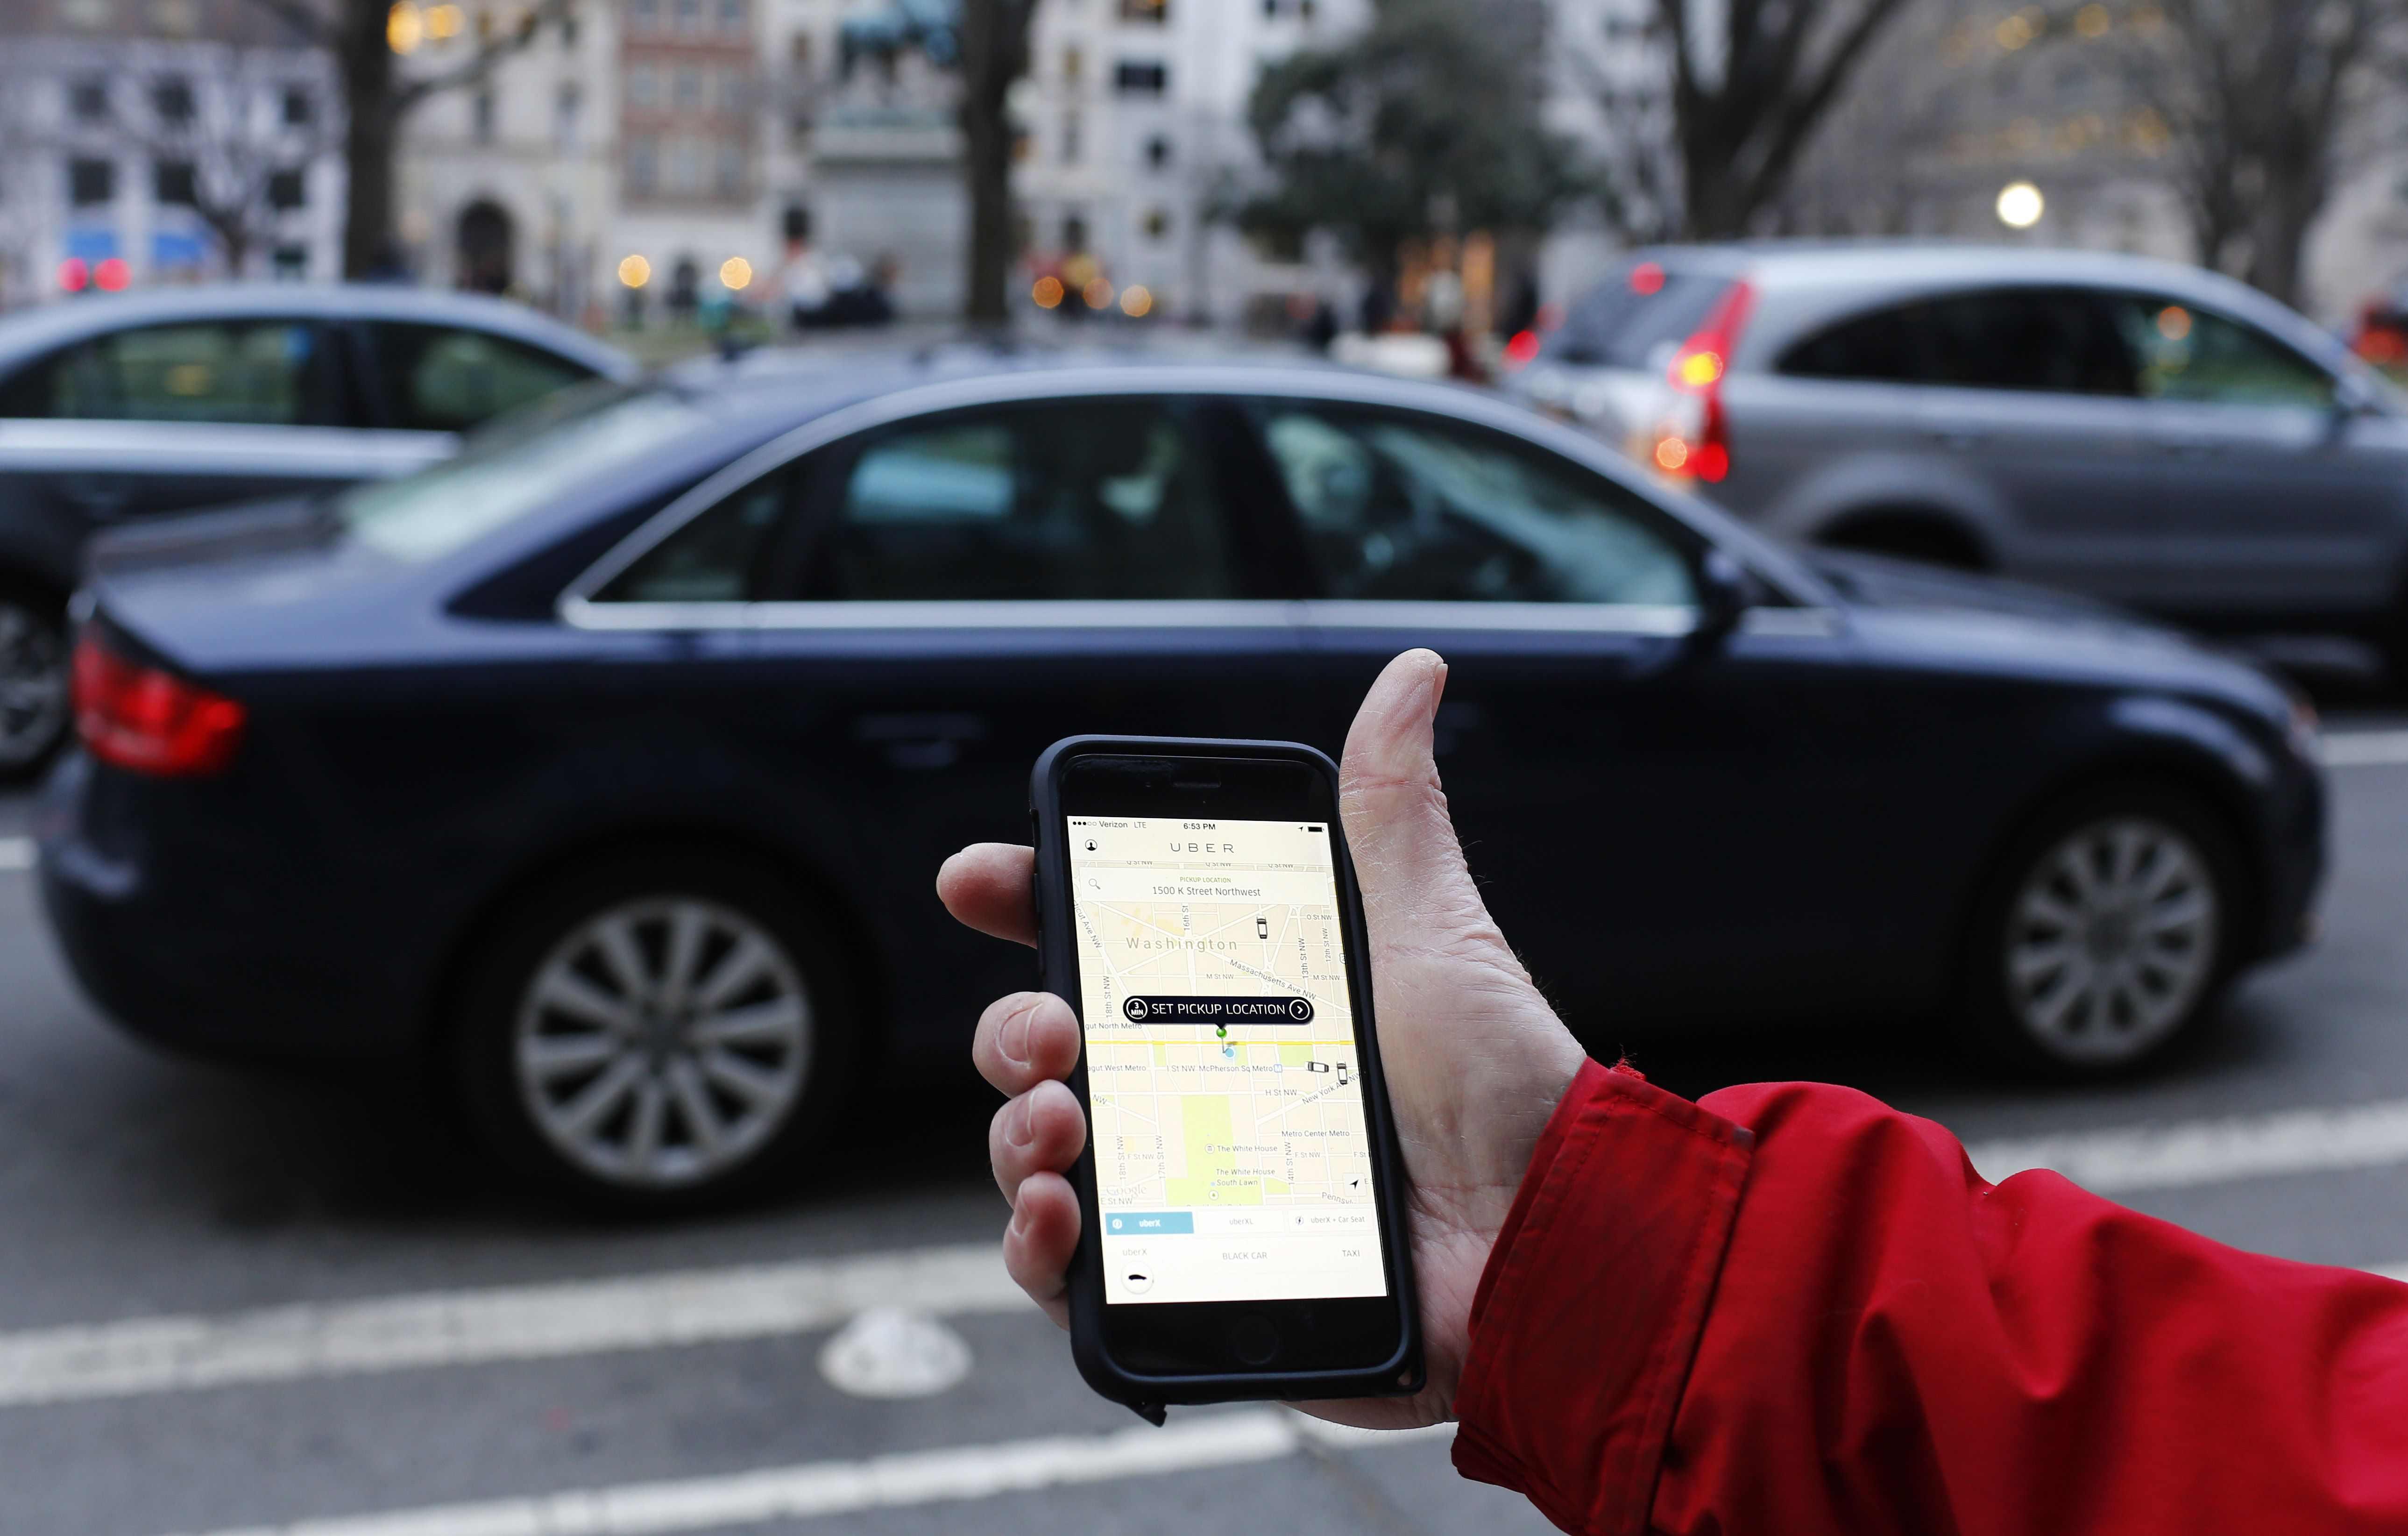 Uber precifica seu IPO